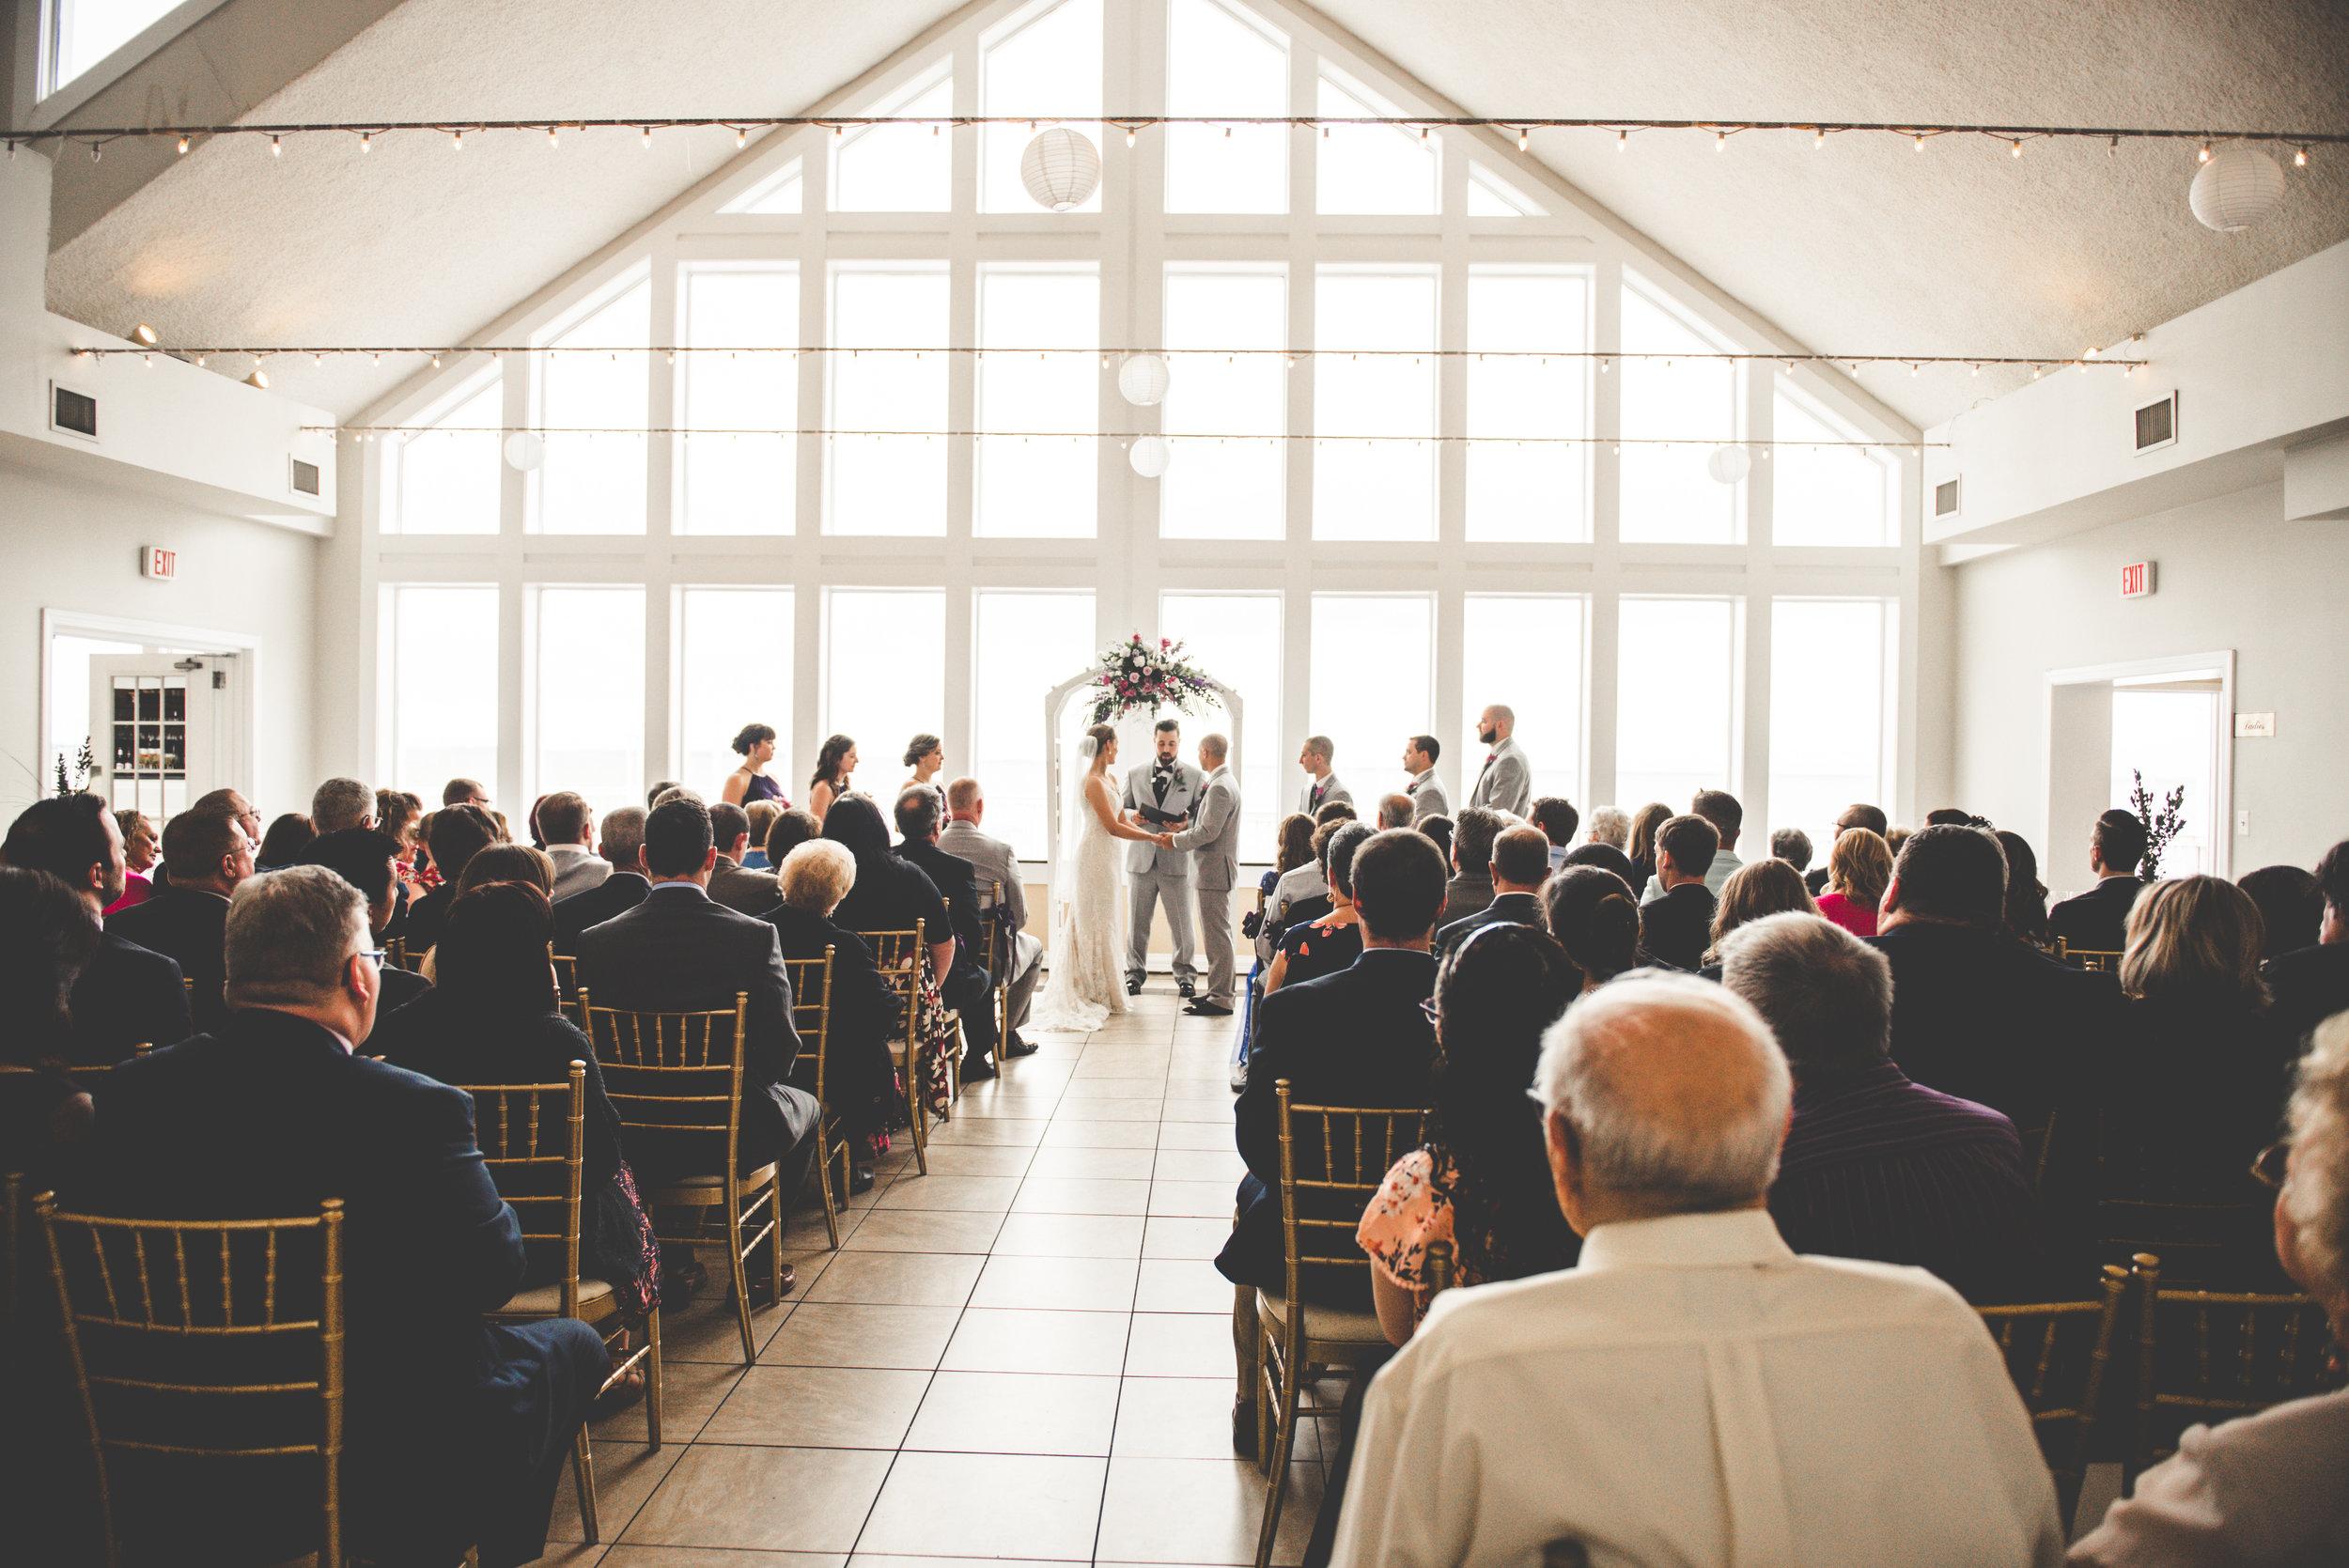 kayleighcorbinmarylandweddingblog17.jpg